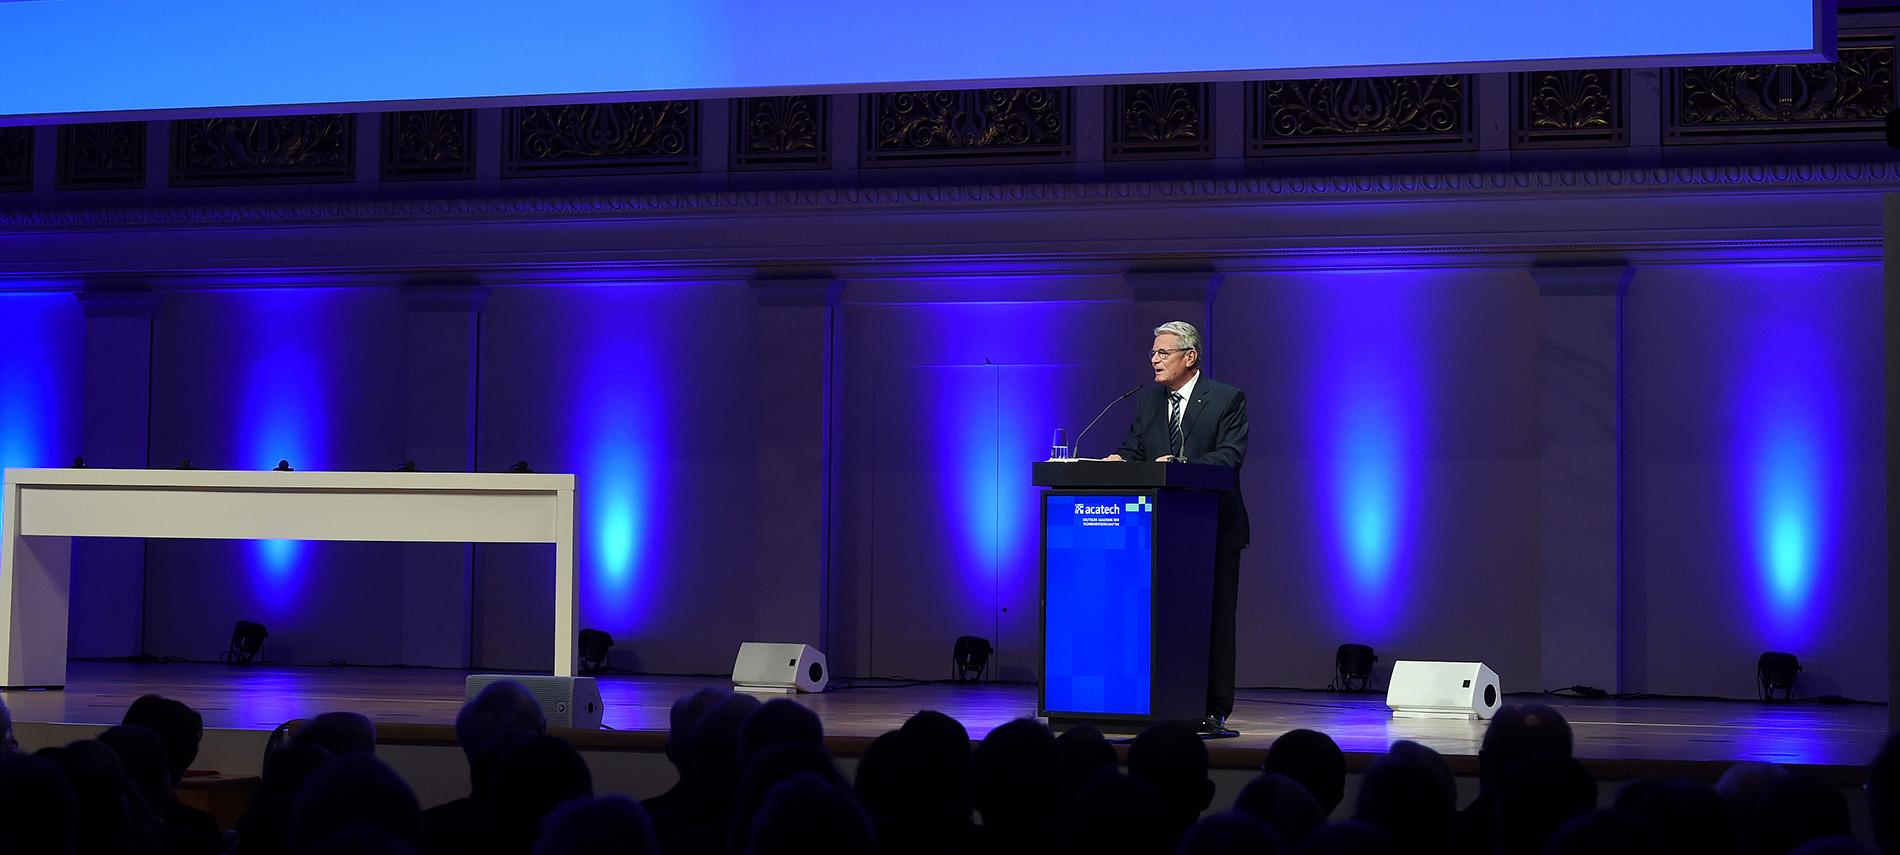 Bundespräsident Joachim Gauck bei der acatech Festveranstaltung 2016